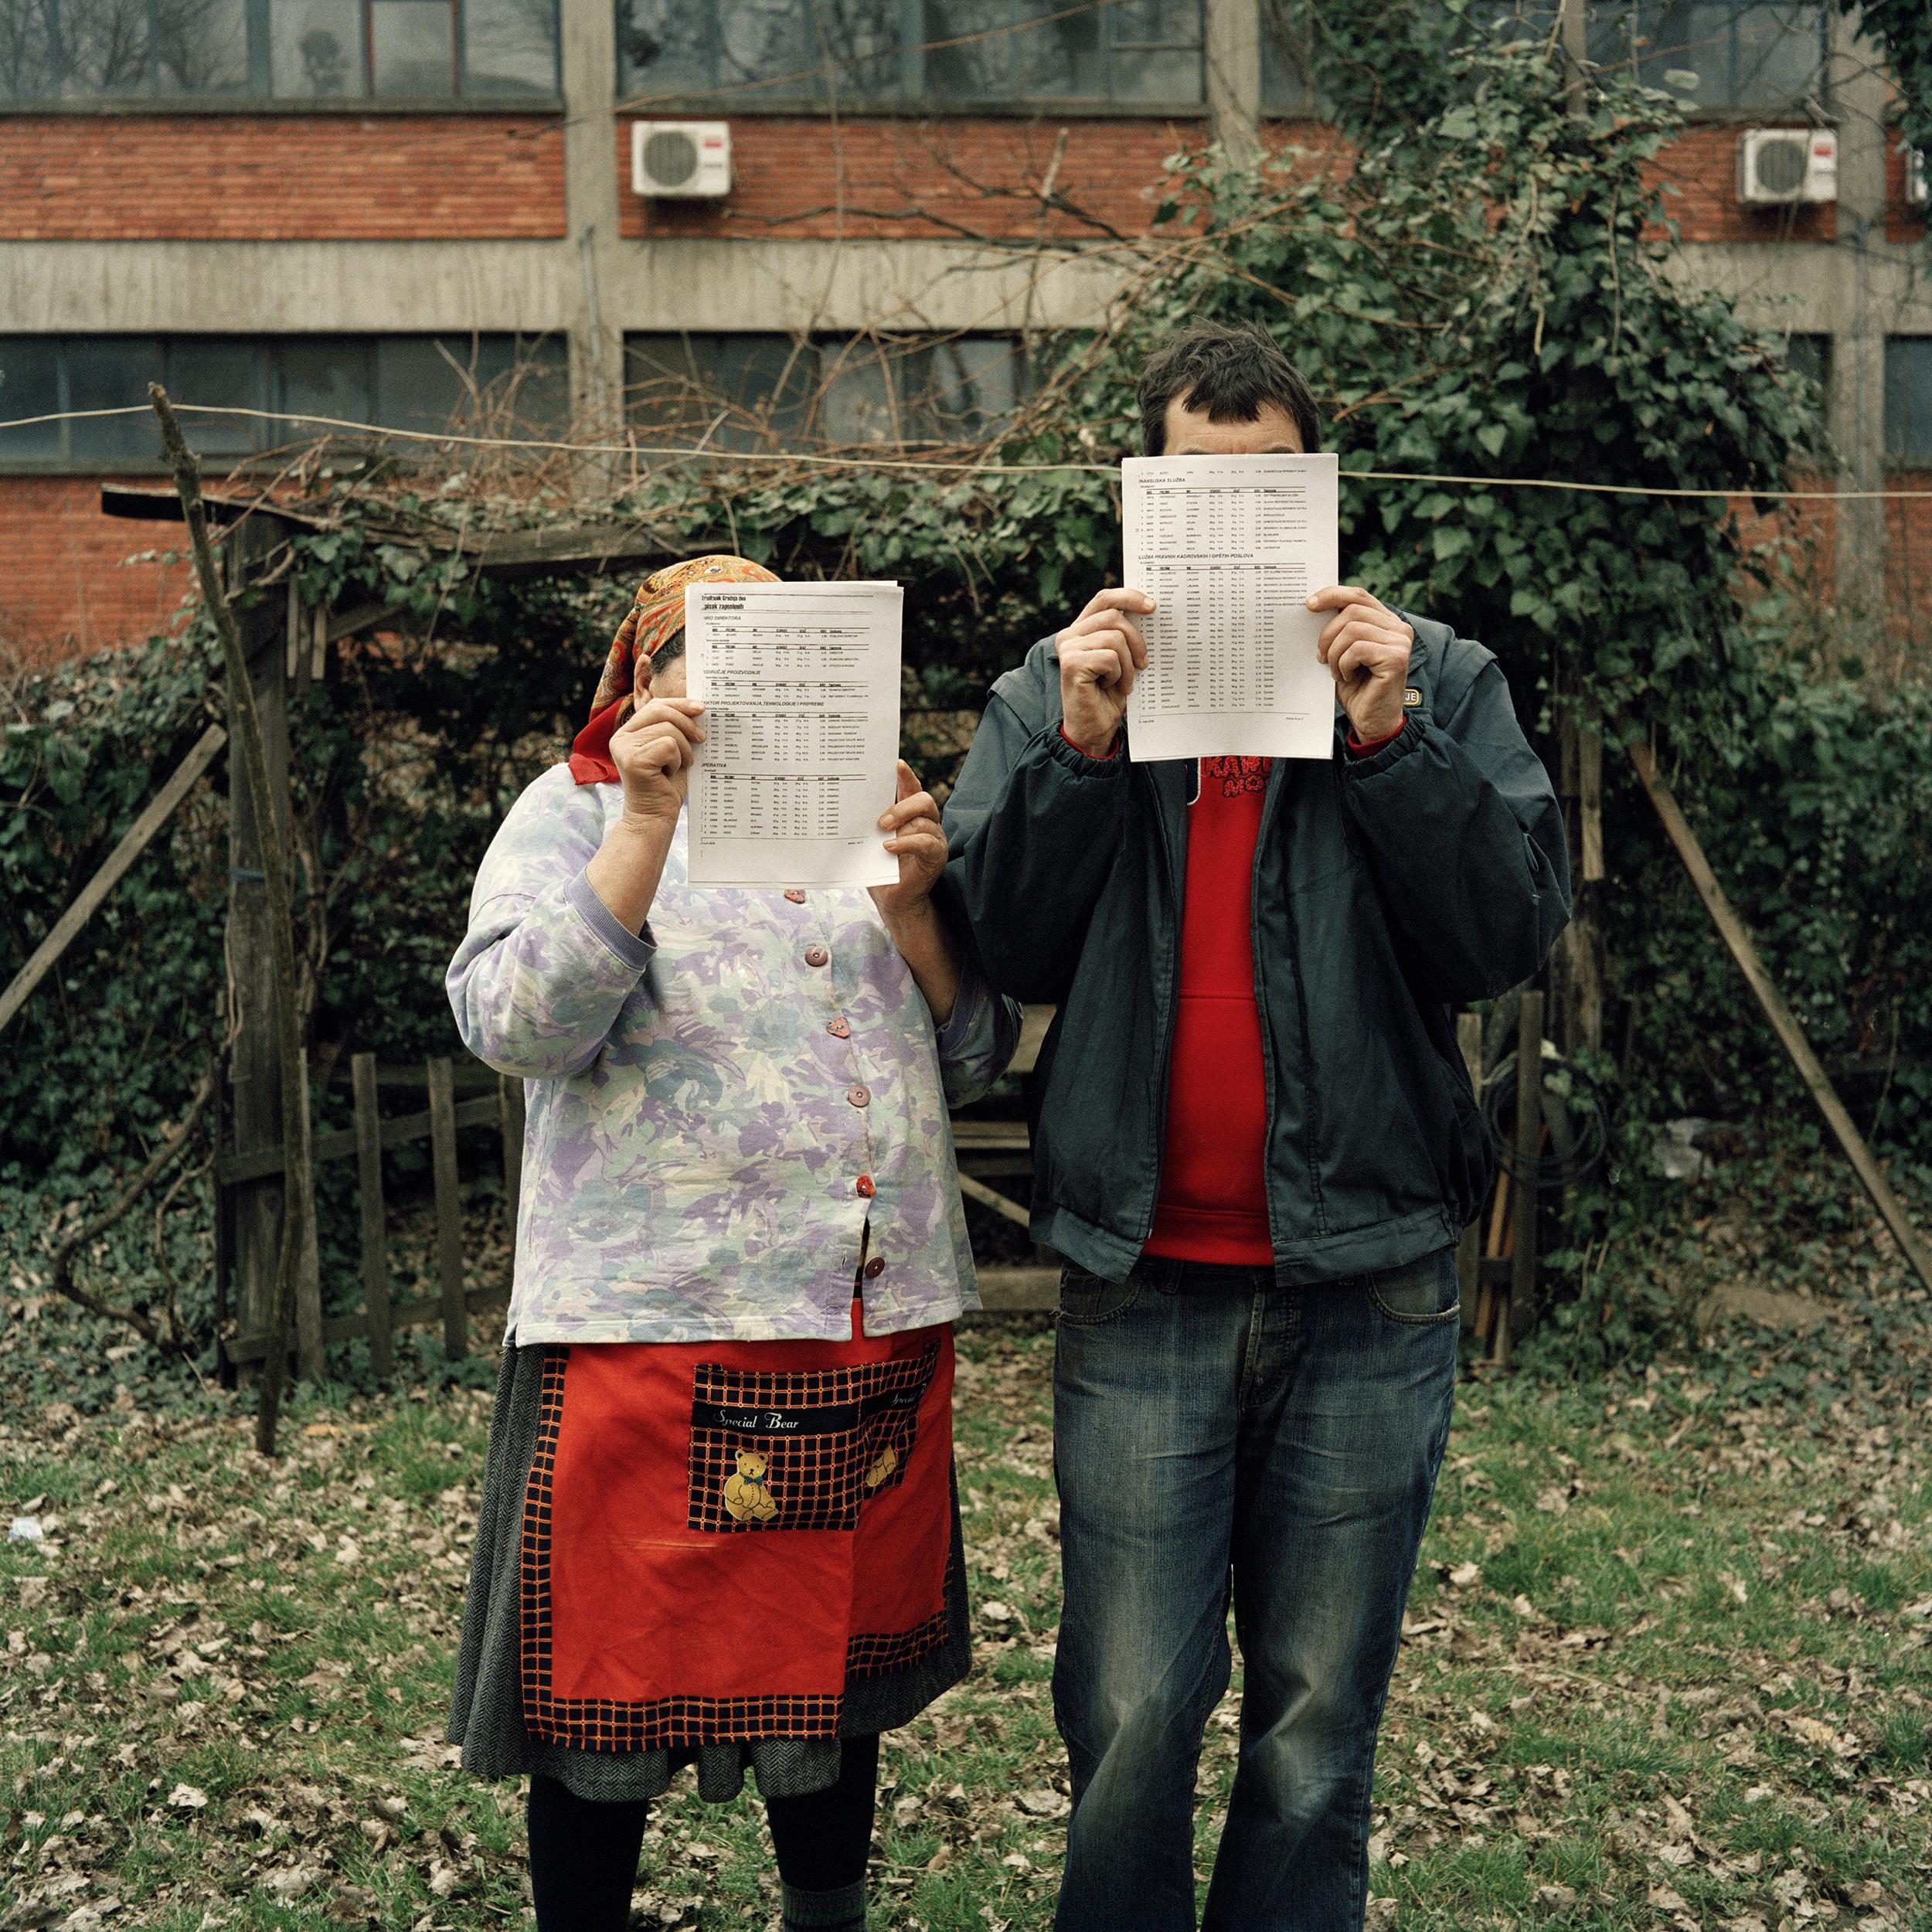 Mireia Sallarès. Kao malo vode na dlanu (com una mica d'aigua al palmell), un projecte sobre l'amor a Sèrbia